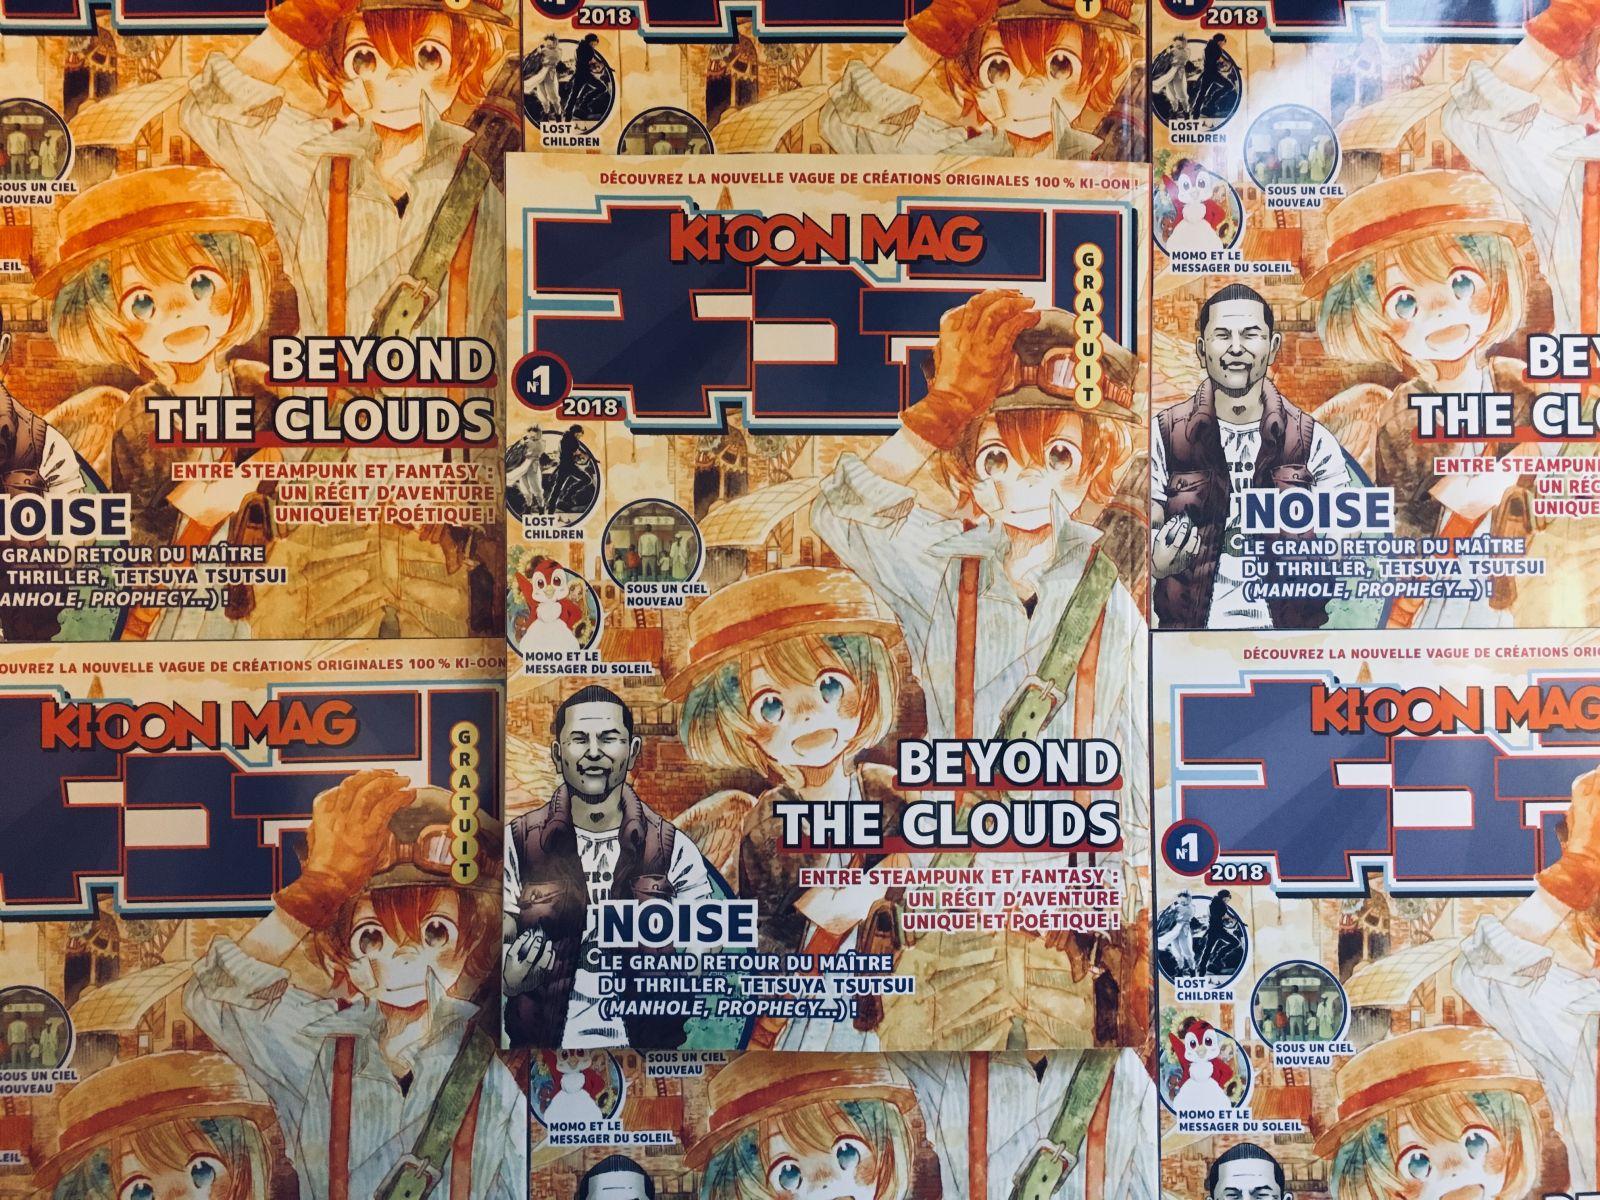 http://www.ki-oon.com/medias/ckefinder/images/2(2).jpg